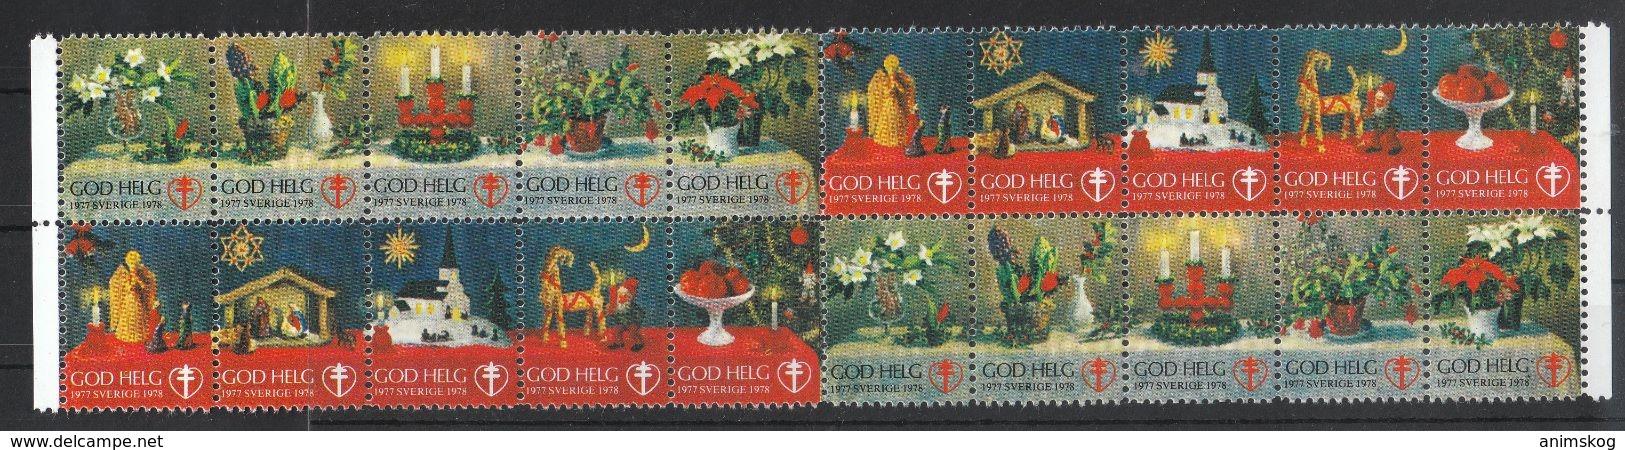 Schweden 1978, Weihnachtsmarken, Weihnachtskaktus, Vignette / Sweden 1978, Christmas Stamps,Christmas Cactus, Cinderella - Fantasie Vignetten